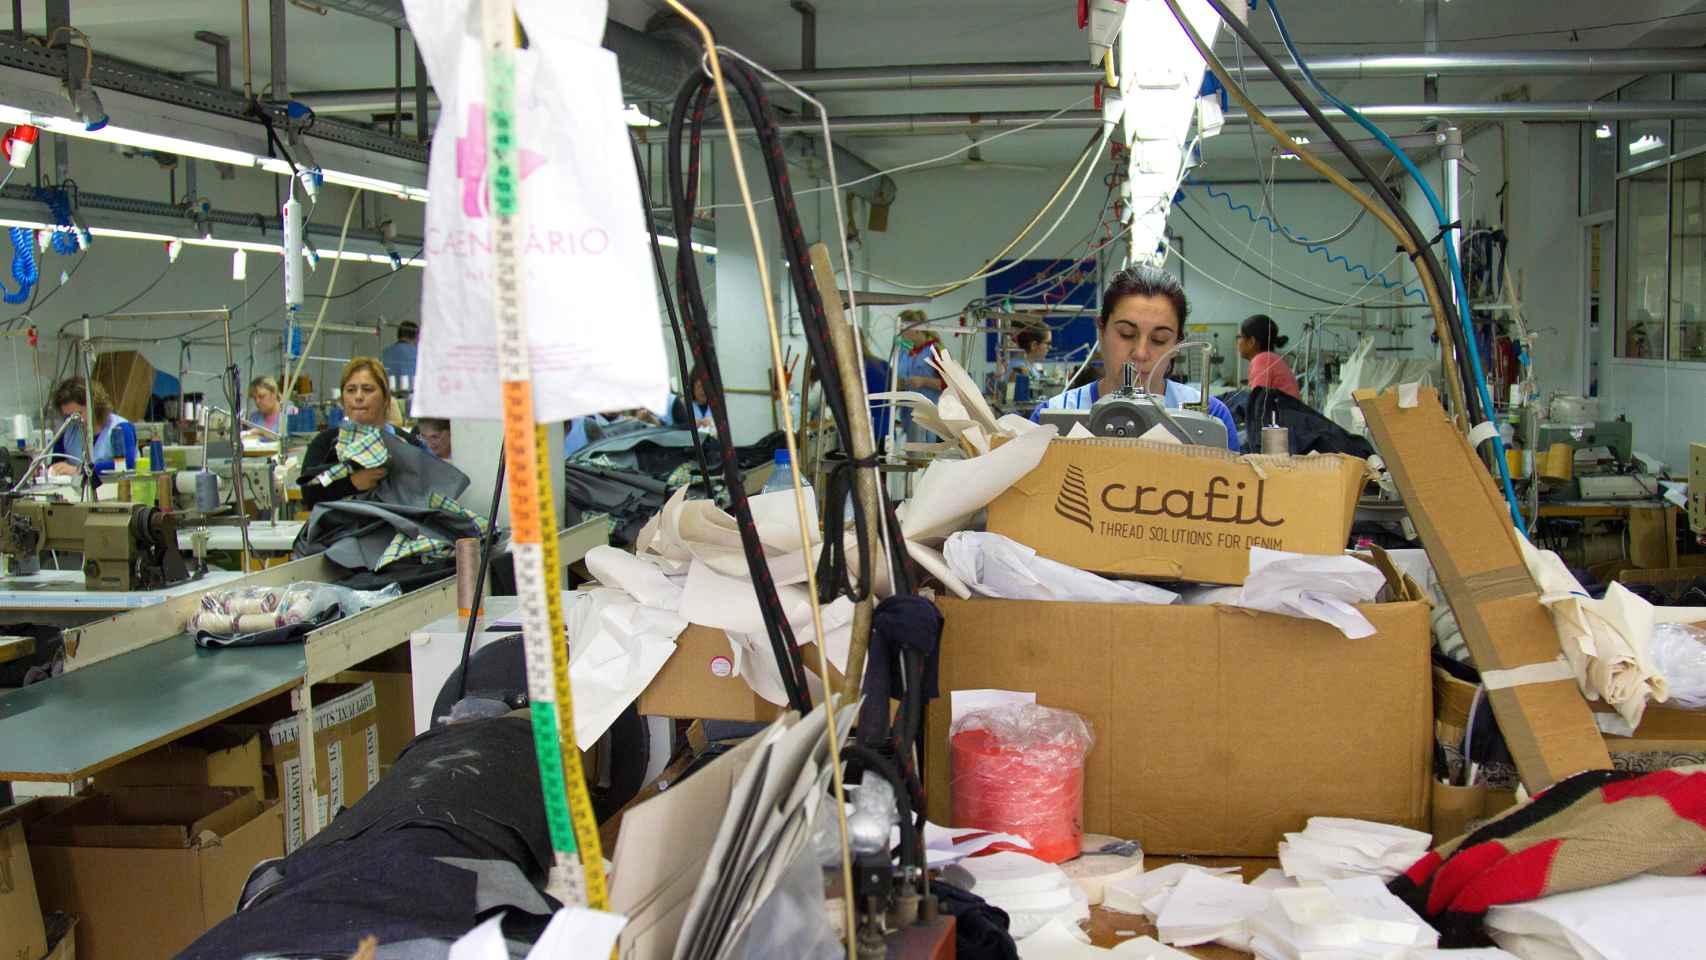 Costureras trabajan en una empresa subcontratada.